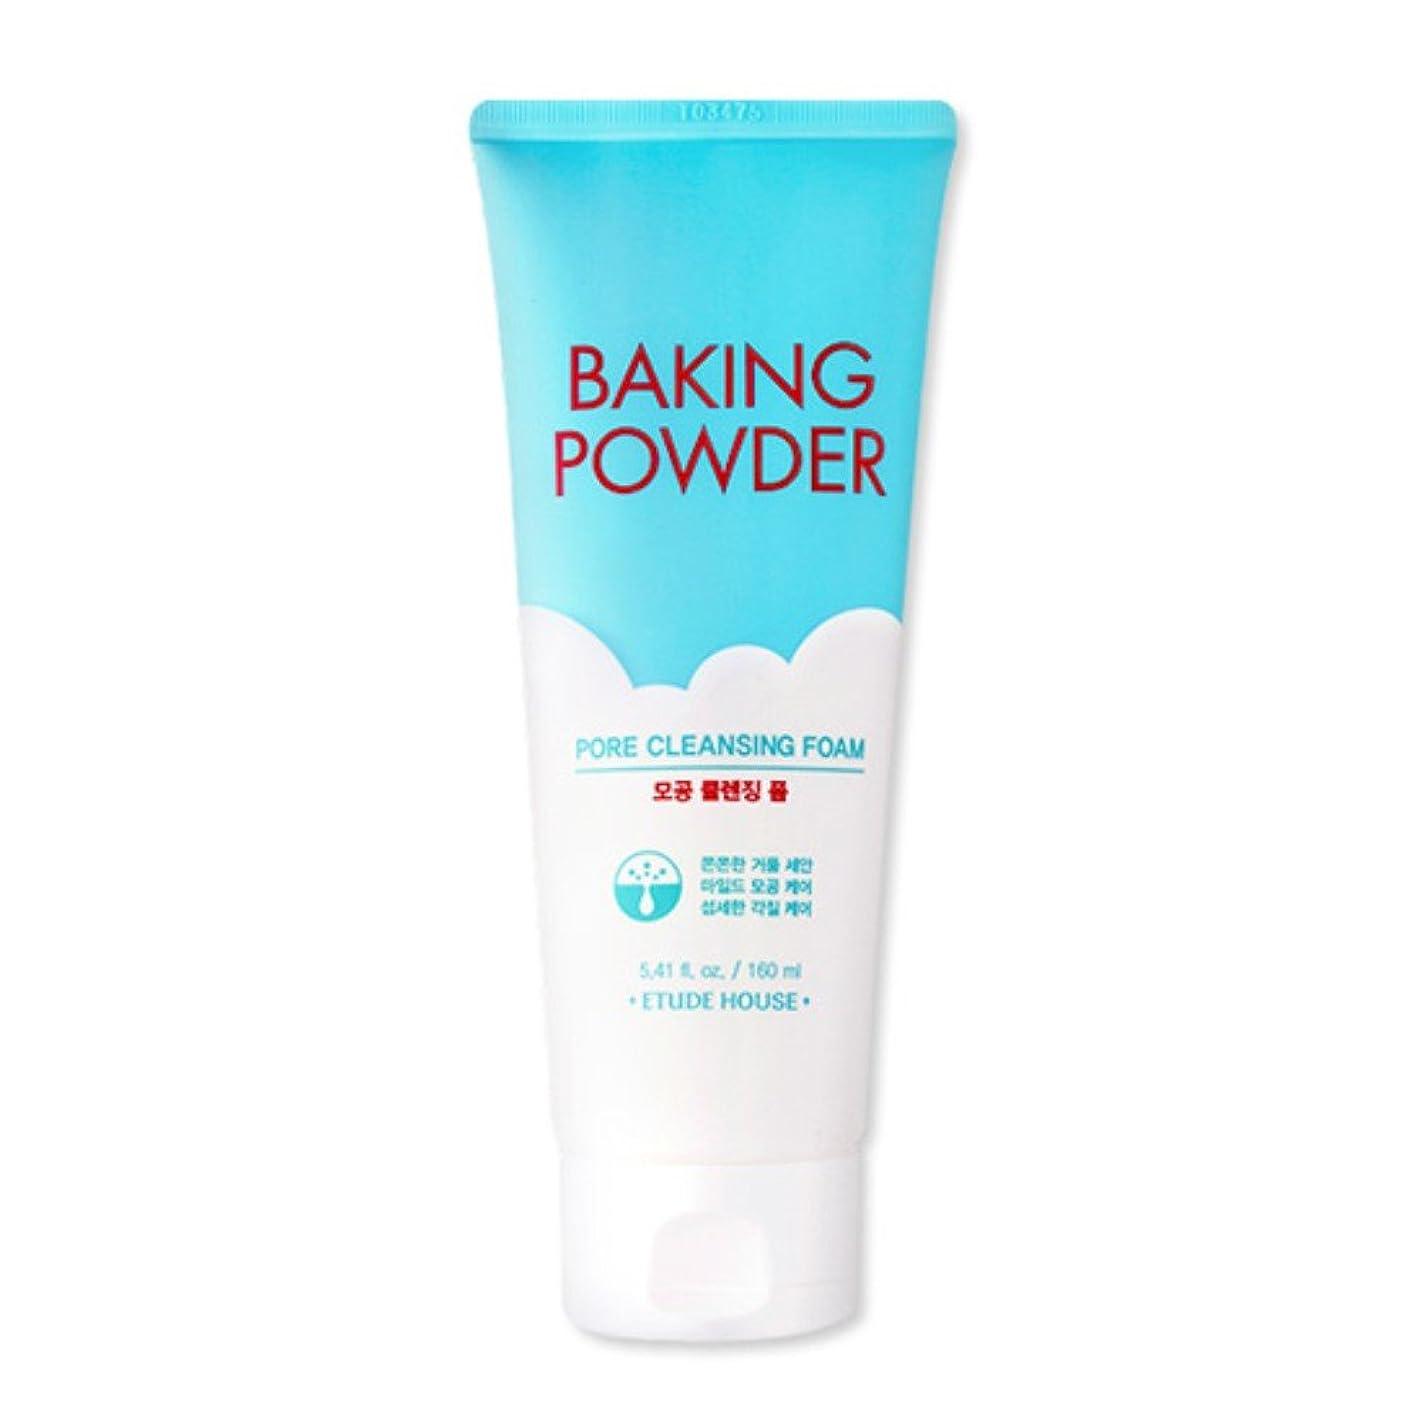 剣正当な服[2016 Upgrade!] ETUDE HOUSE Baking Powder Pore Cleansing Foam 160ml/エチュードハウス ベーキング パウダー ポア クレンジング フォーム 160ml [並行輸入品]